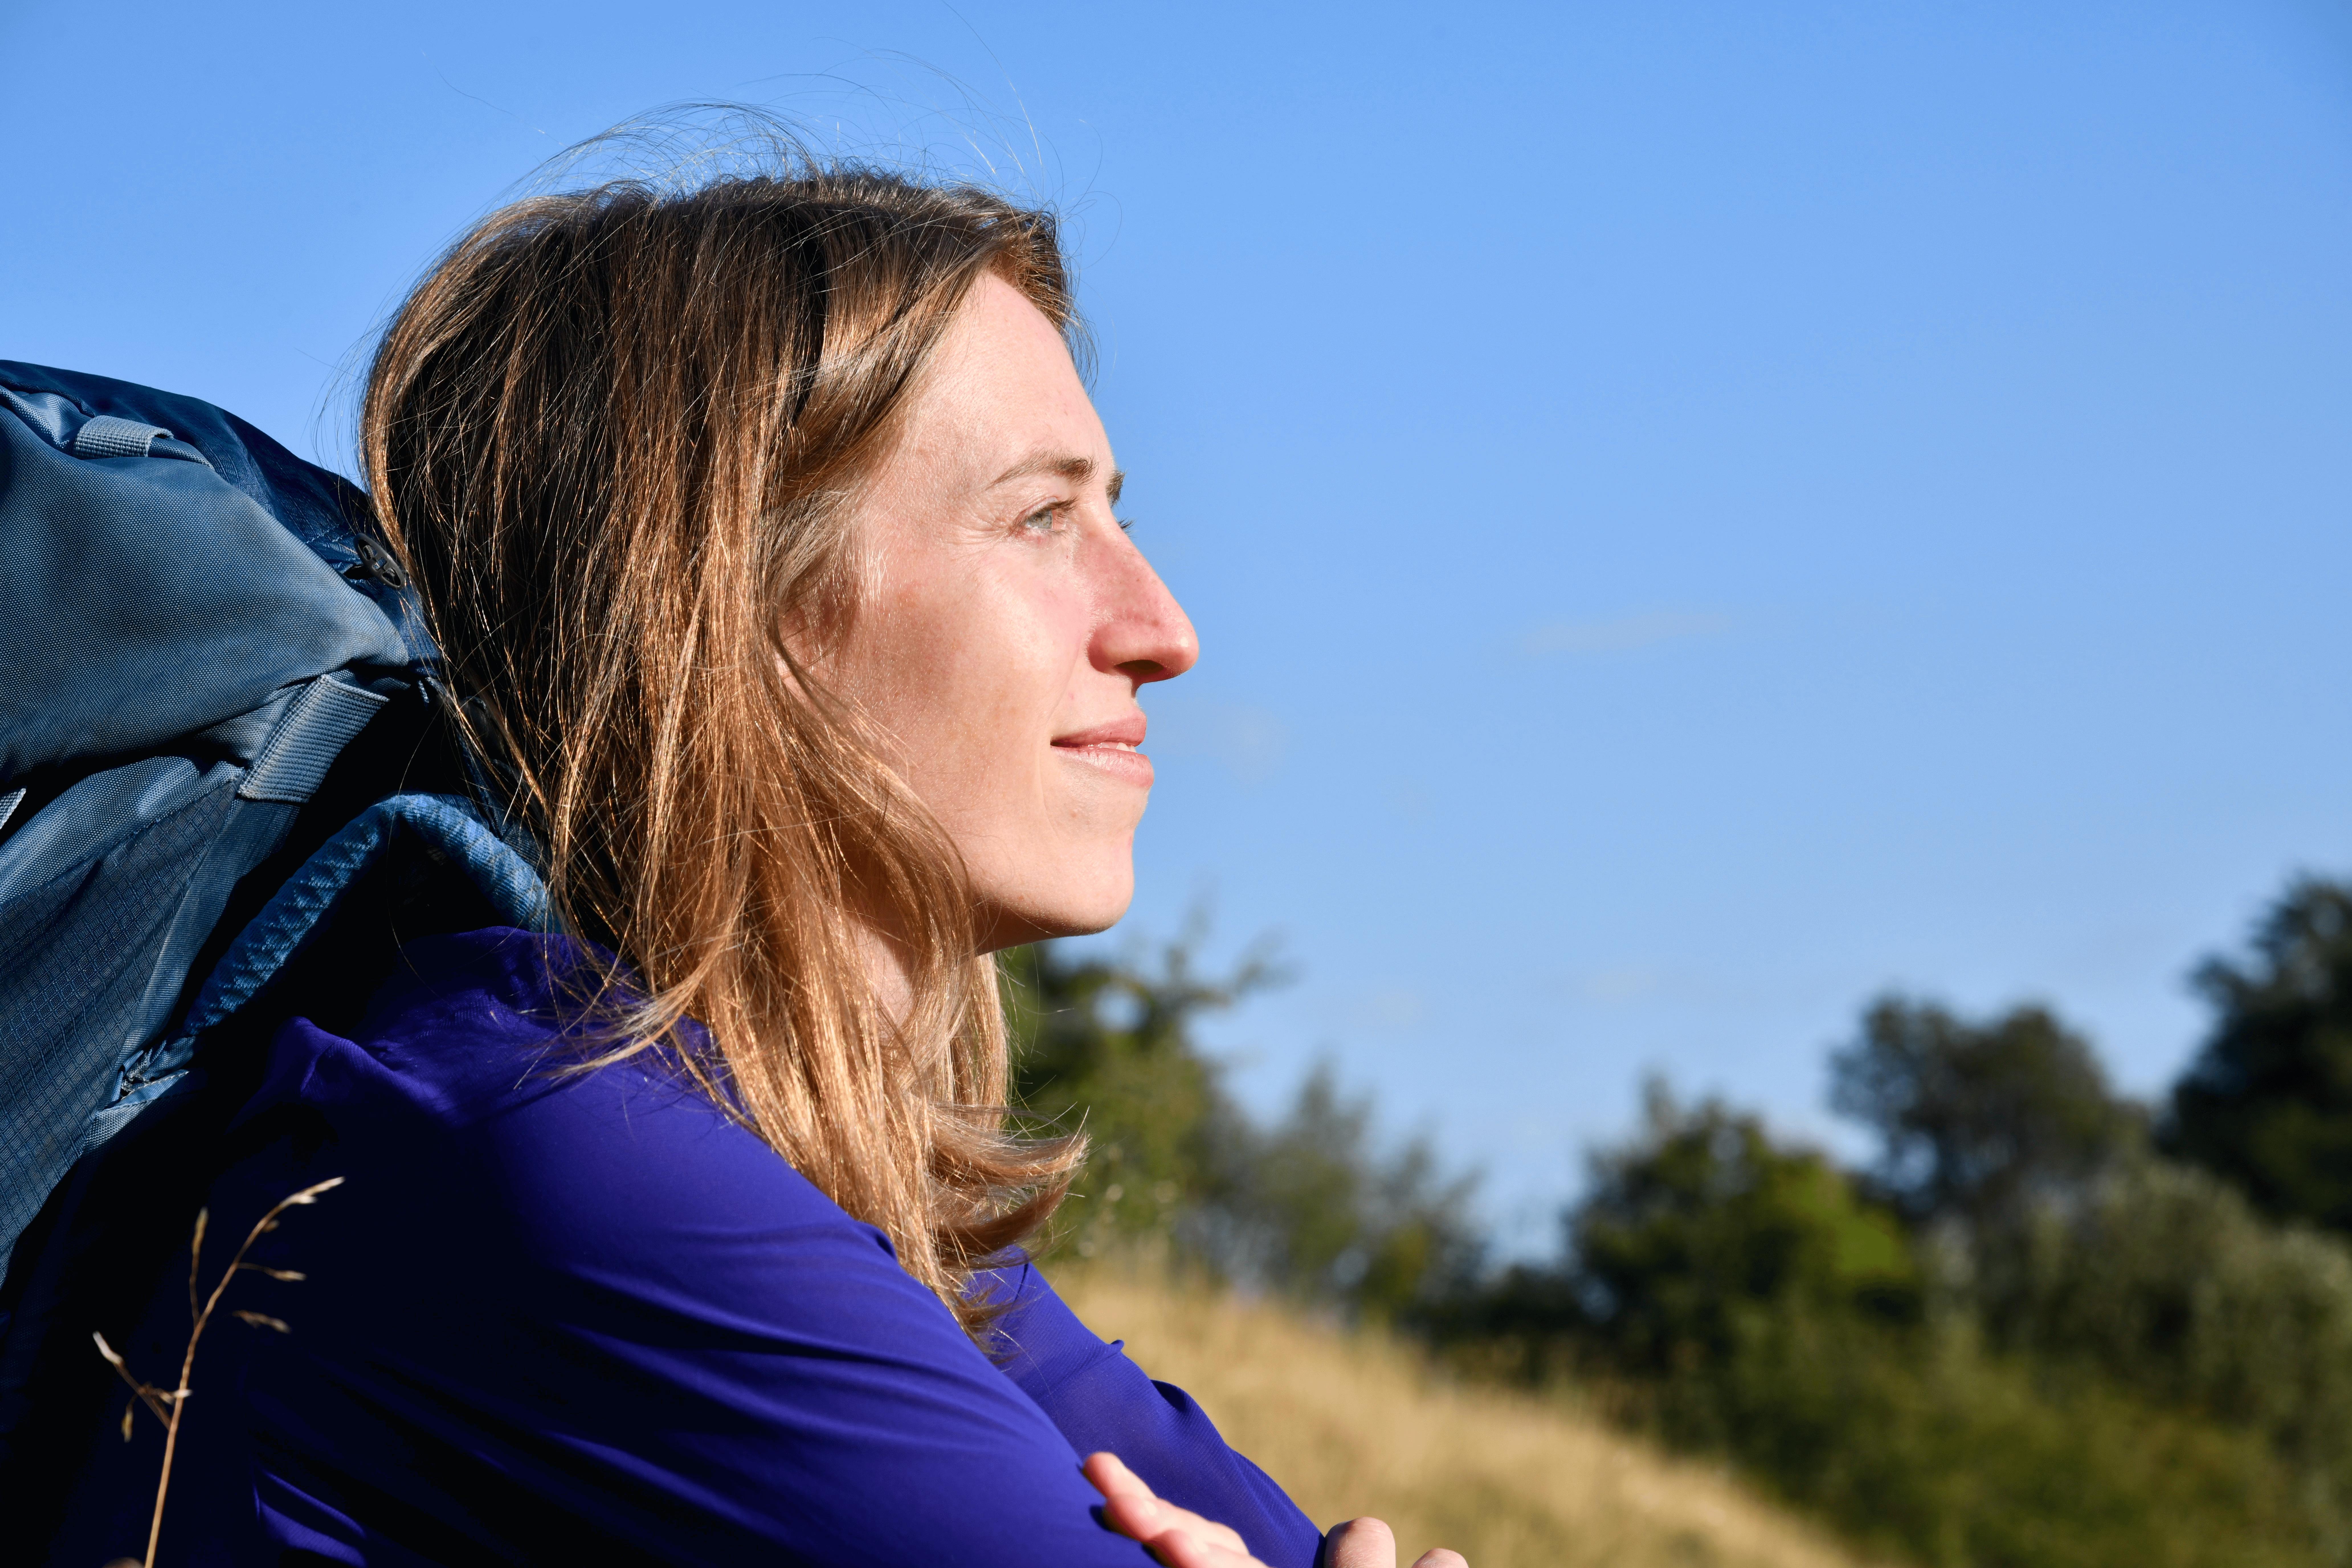 L'écoute de soi : pourquoi est-ce important de s'écouter?